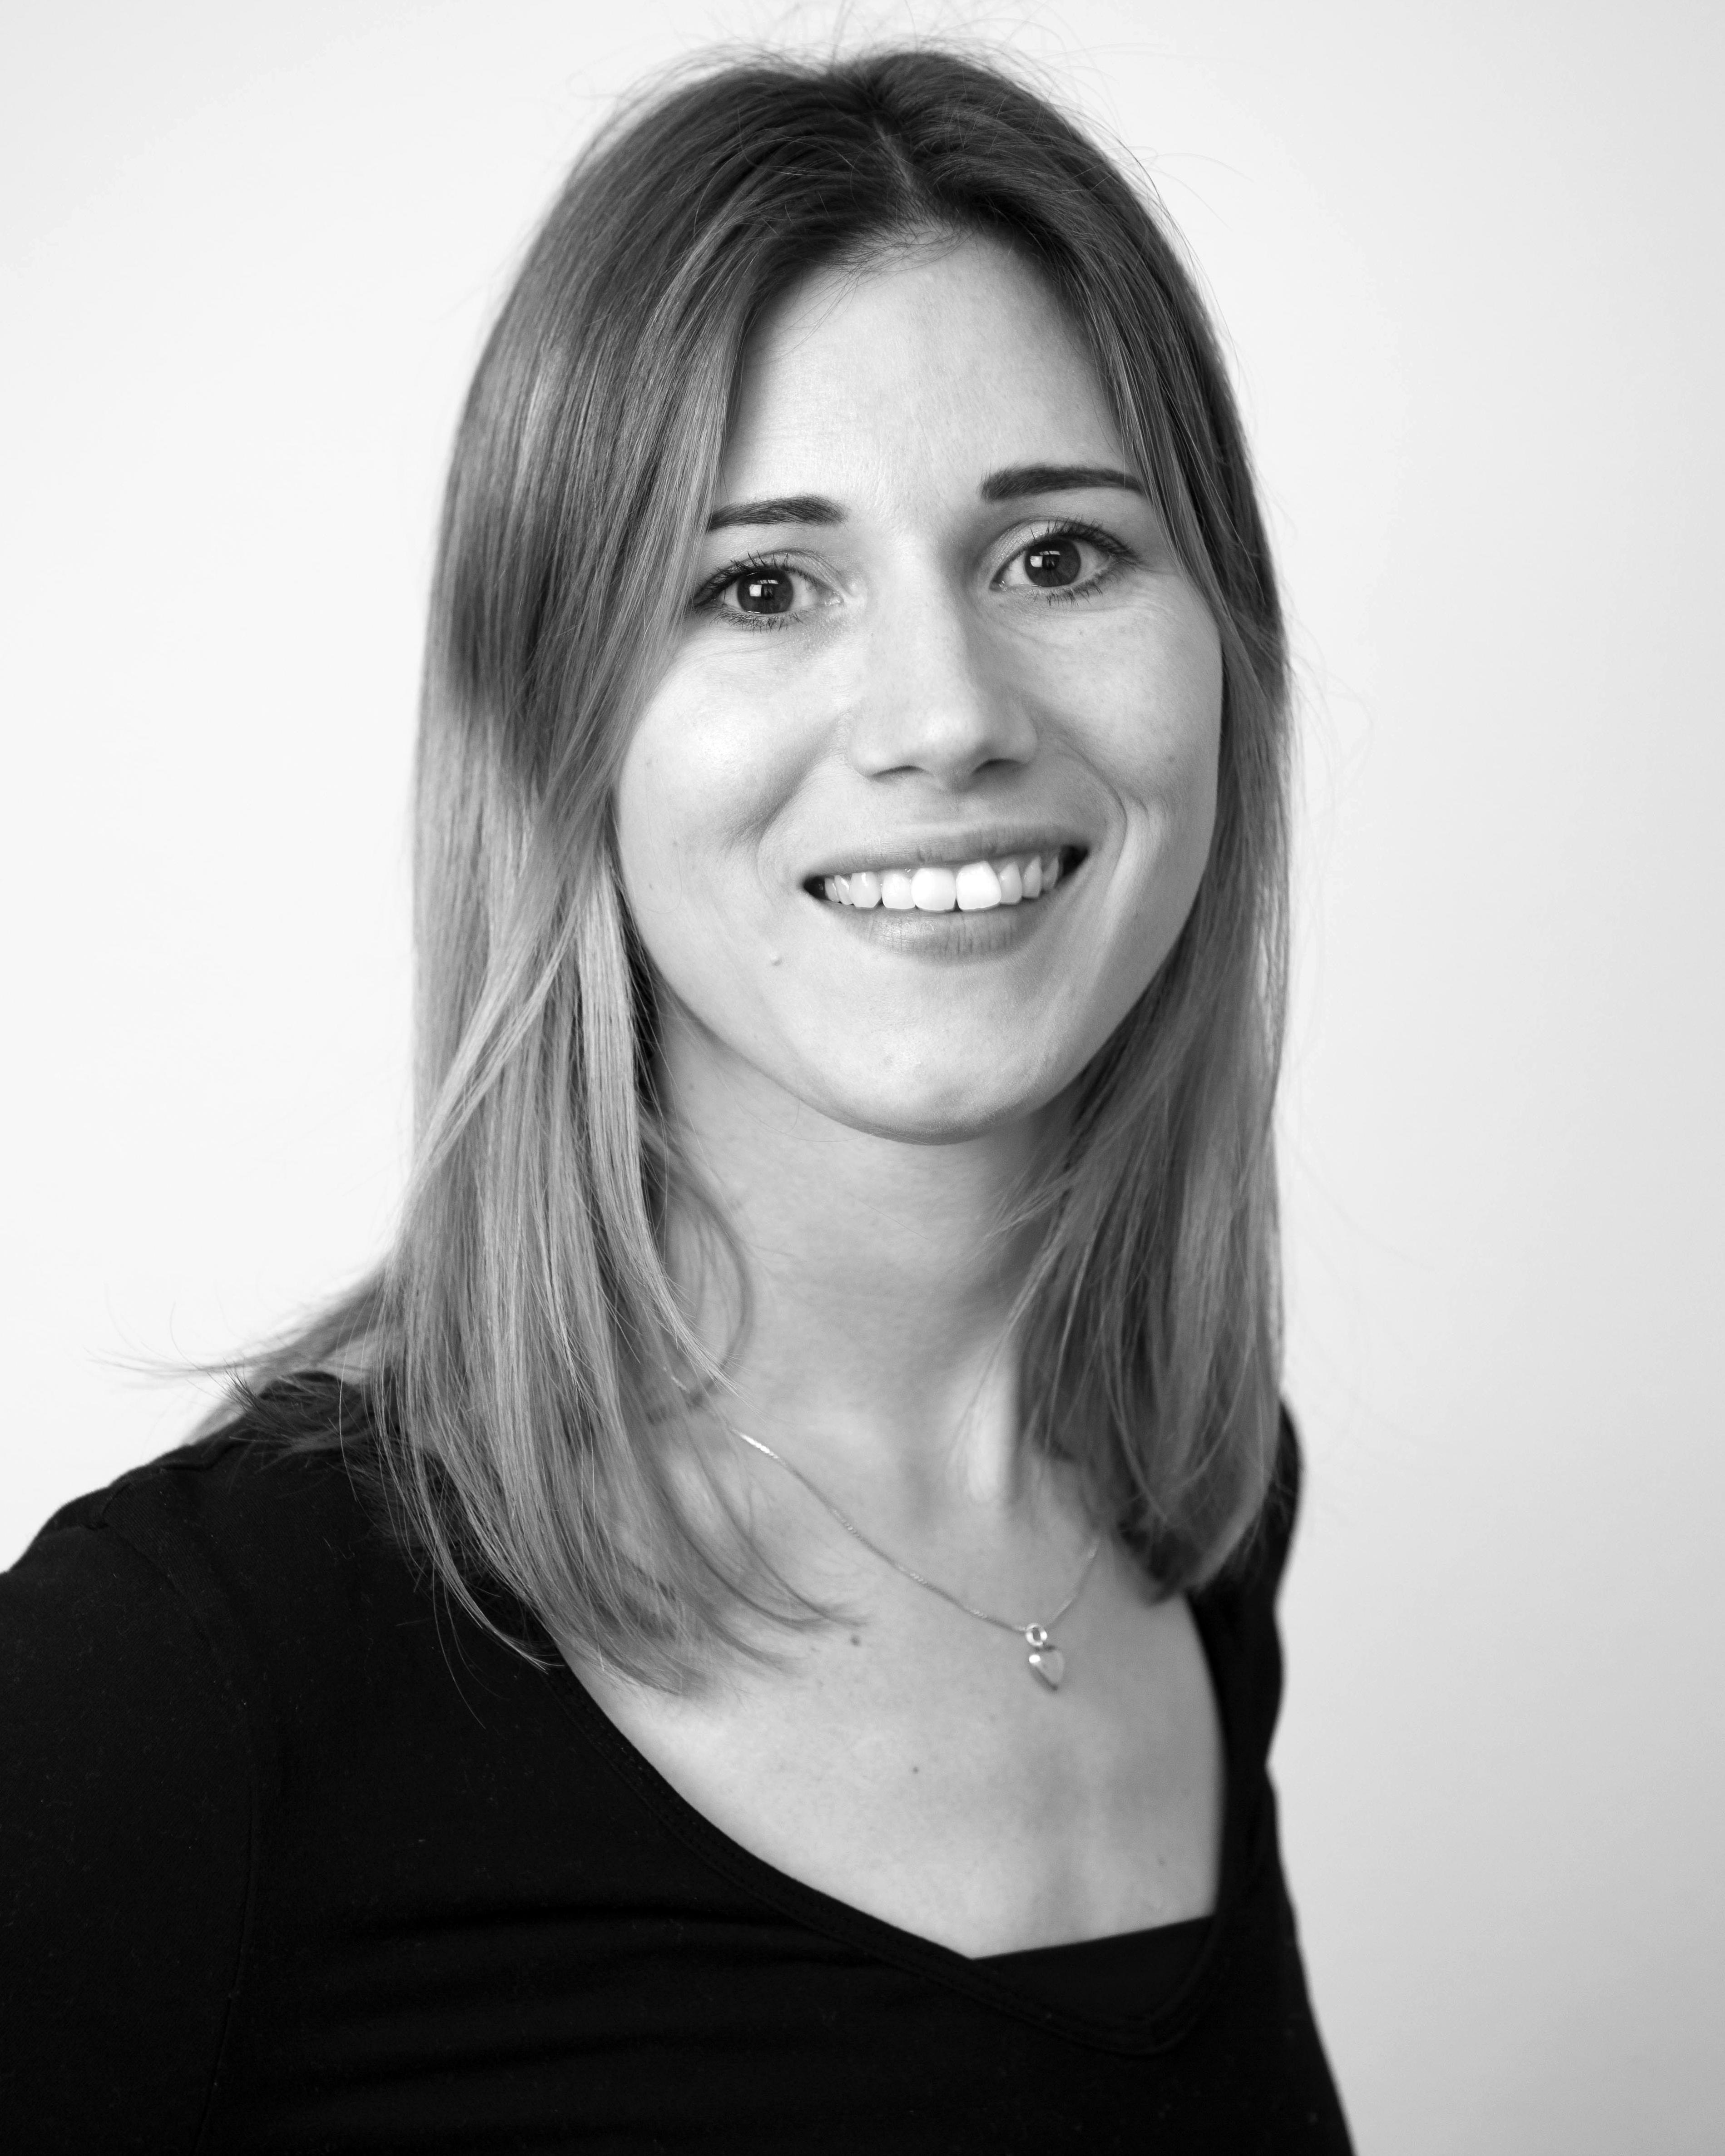 Lucia Aebersold